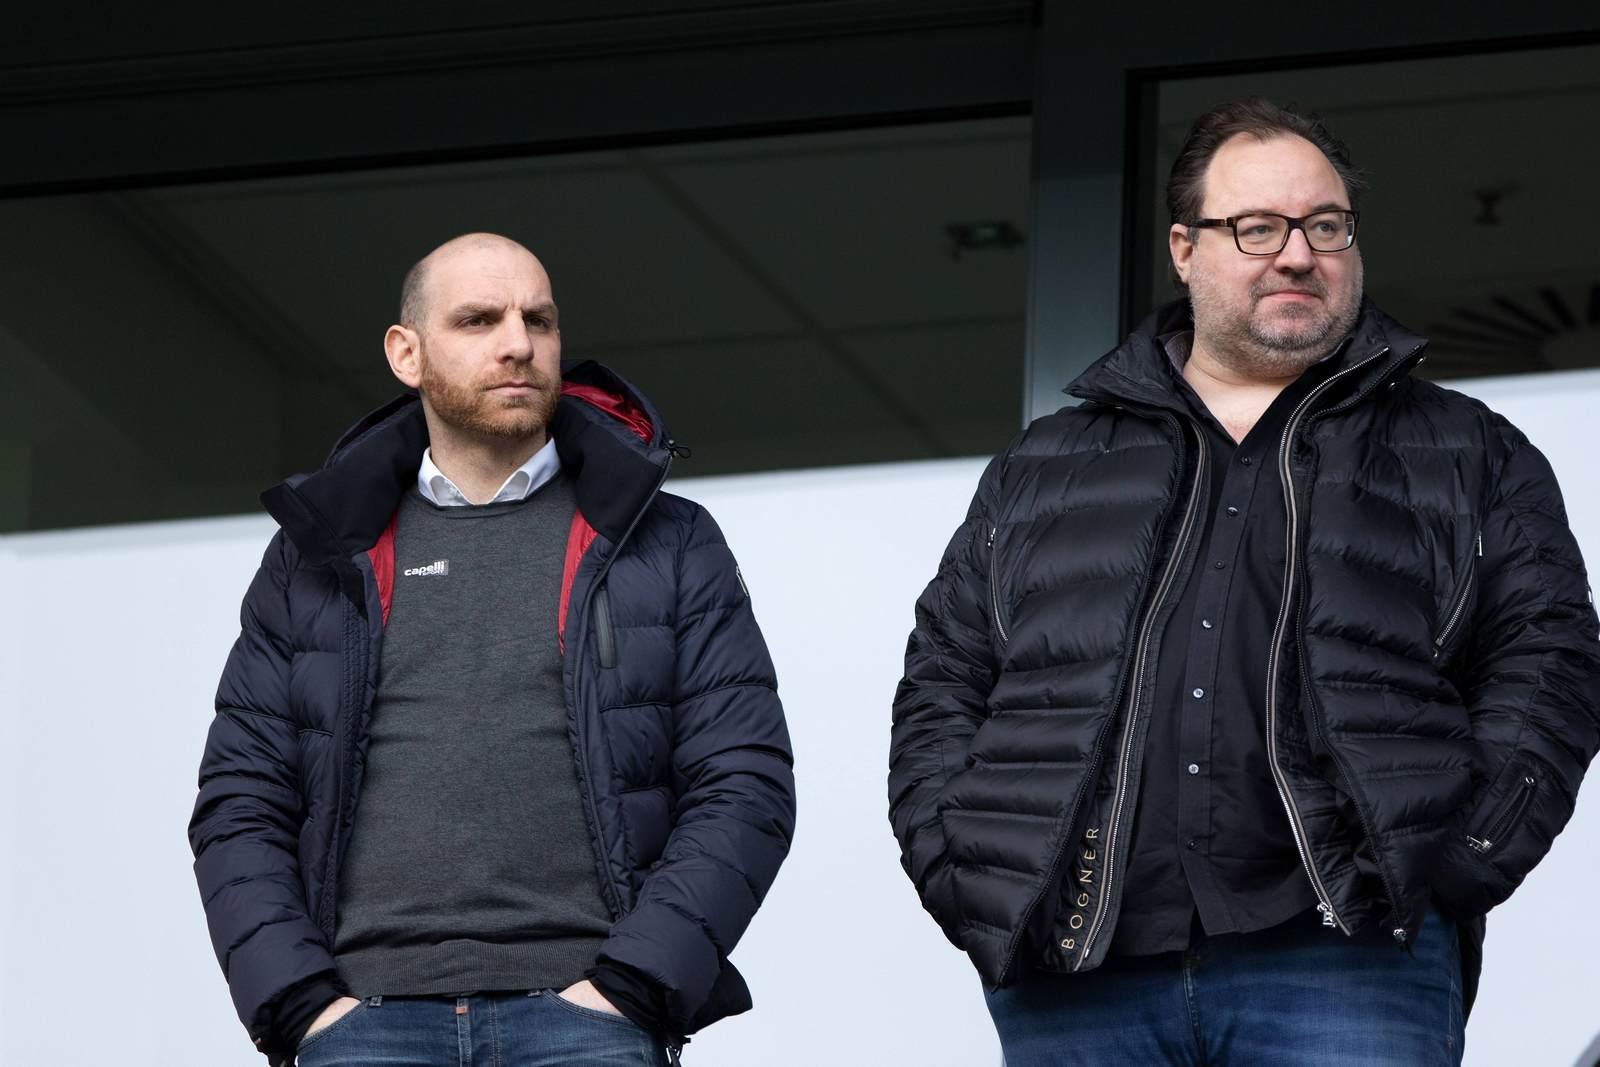 Nikolas Weinhart und Mikhail Ponomarev auf der Tribüne.